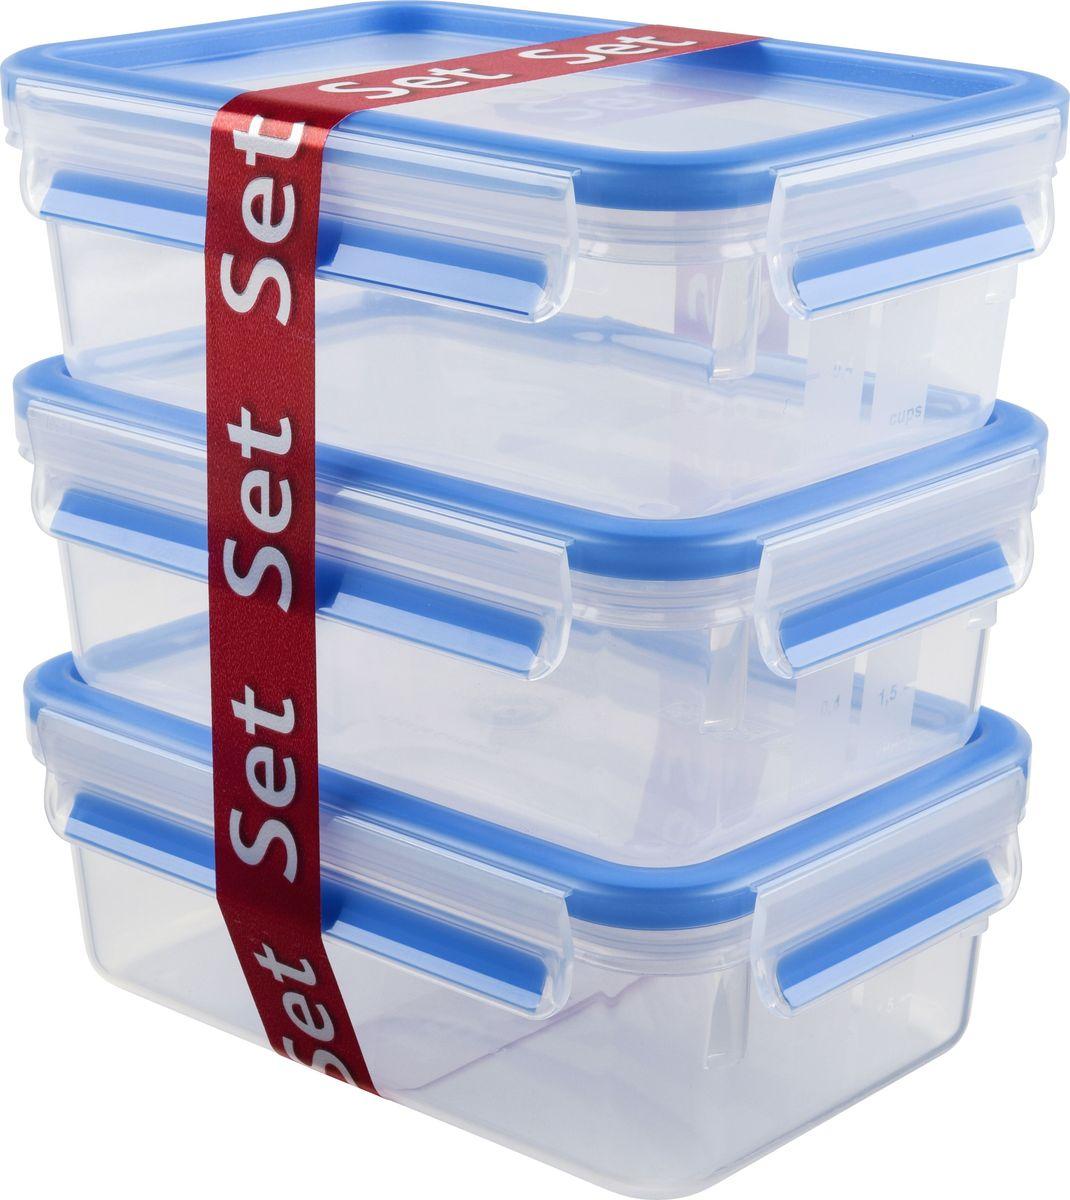 Набор контейнеров Emsa Clip&Close, 1 л, 3 шт508558Набор контейнеров Emsa Clip&Close изготовлен из высококачественного антибактериального пищевого пластика, имеющего сертификат BPA-free, который выдерживает температуру от -40°С до +110°С, не впитывает запахи и не изменяет цвет. Это абсолютно гигиеничный продукт, который подходит для хранения даже детского питания. 100% герметичность - идеально не только для хранения, но и для транспортировки пищи. Герметичность достигается за счет специальных силиконовых прослоек, которые позволяют использовать контейнер для хранения не только пищи, но и жидкости. В таком контейнере продукты долгое время сохраняют свою свежесть - до 4-х раз дольше по сравнению с обычными, в том числе и вакуумными контейнерами. 100% гигиеничность - уникальная технология применения медицинского силикона в уплотнителе крышки: никаких полостей - никаких микробов. Изделие снабжено крышкой, плотно закрывающейся на 4 защелки. 100% удобство - прозрачные стенки позволяют просматривать содержимое, сохранение пространства за счёт лёгкой установки контейнеров друг на друга. Изделие подходит для домашнего использования, для пикников, поездок, отдыха на природе, его можно взять с собой на работу или учебу. Можно использовать в СВЧ-печах, холодильниках, посудомоечных машинах, морозильных камерах.Размер контейнеров: 19,7 х 13,6 х 7,2 см.